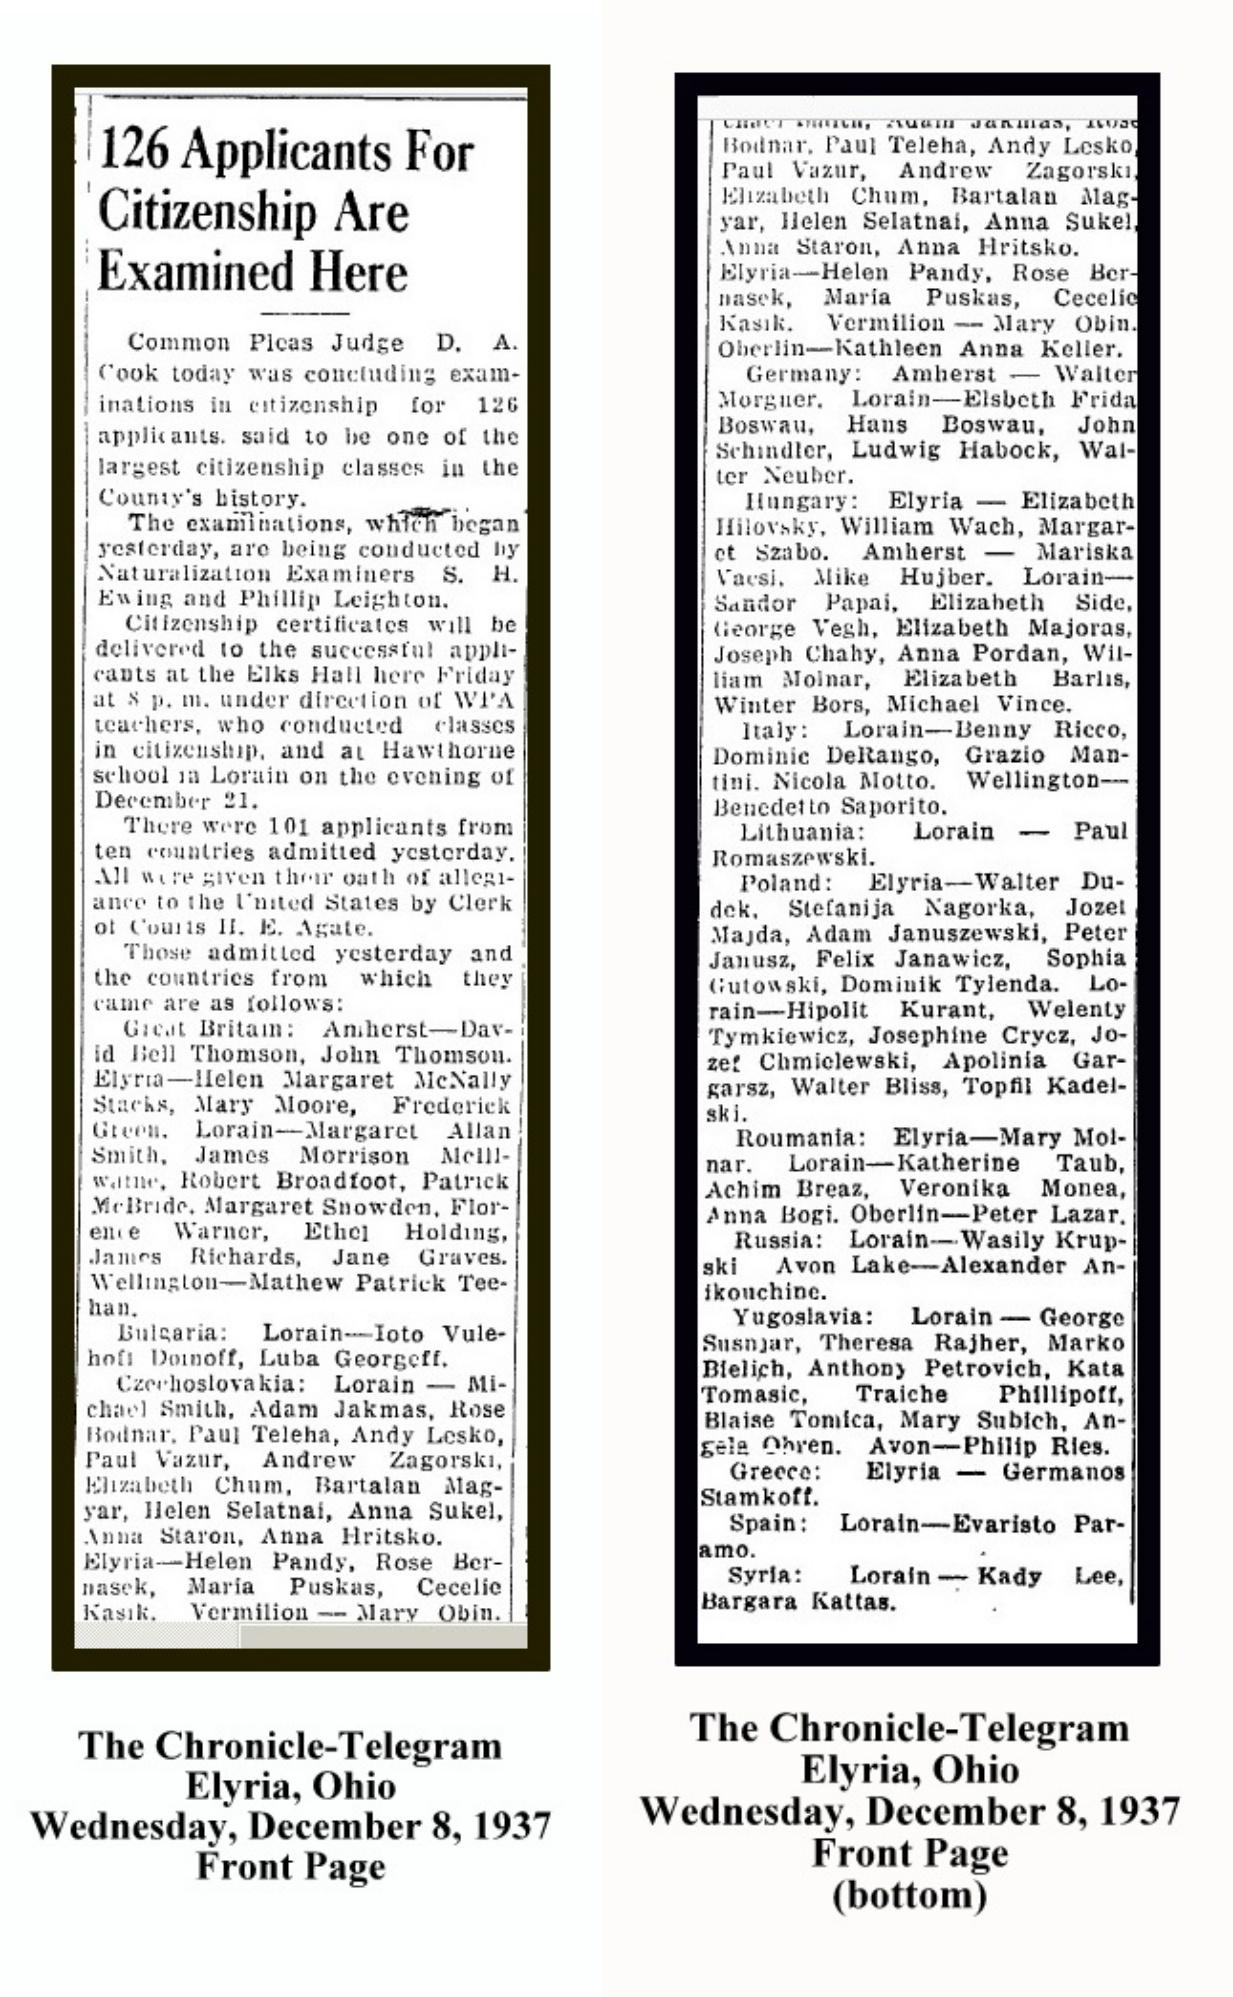 ANDREW ZAKORSKI NATURALIZATION - DECEMBER 8 1937